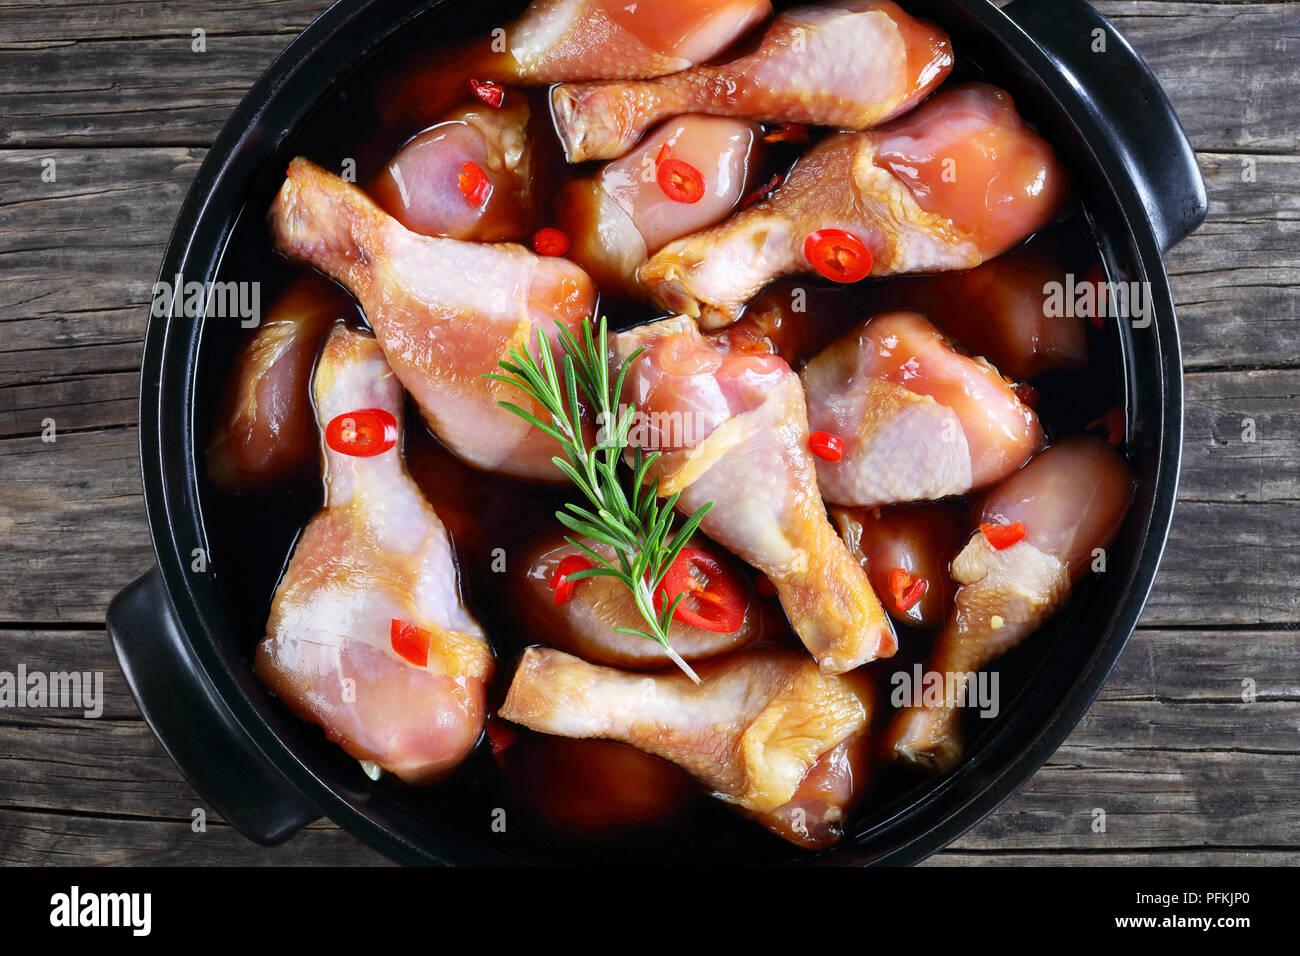 Il pollo crudo marinato bacchette con fatti in casa piccante salsa teriyaki in pot nero., vista da sopra, close-up Immagini Stock